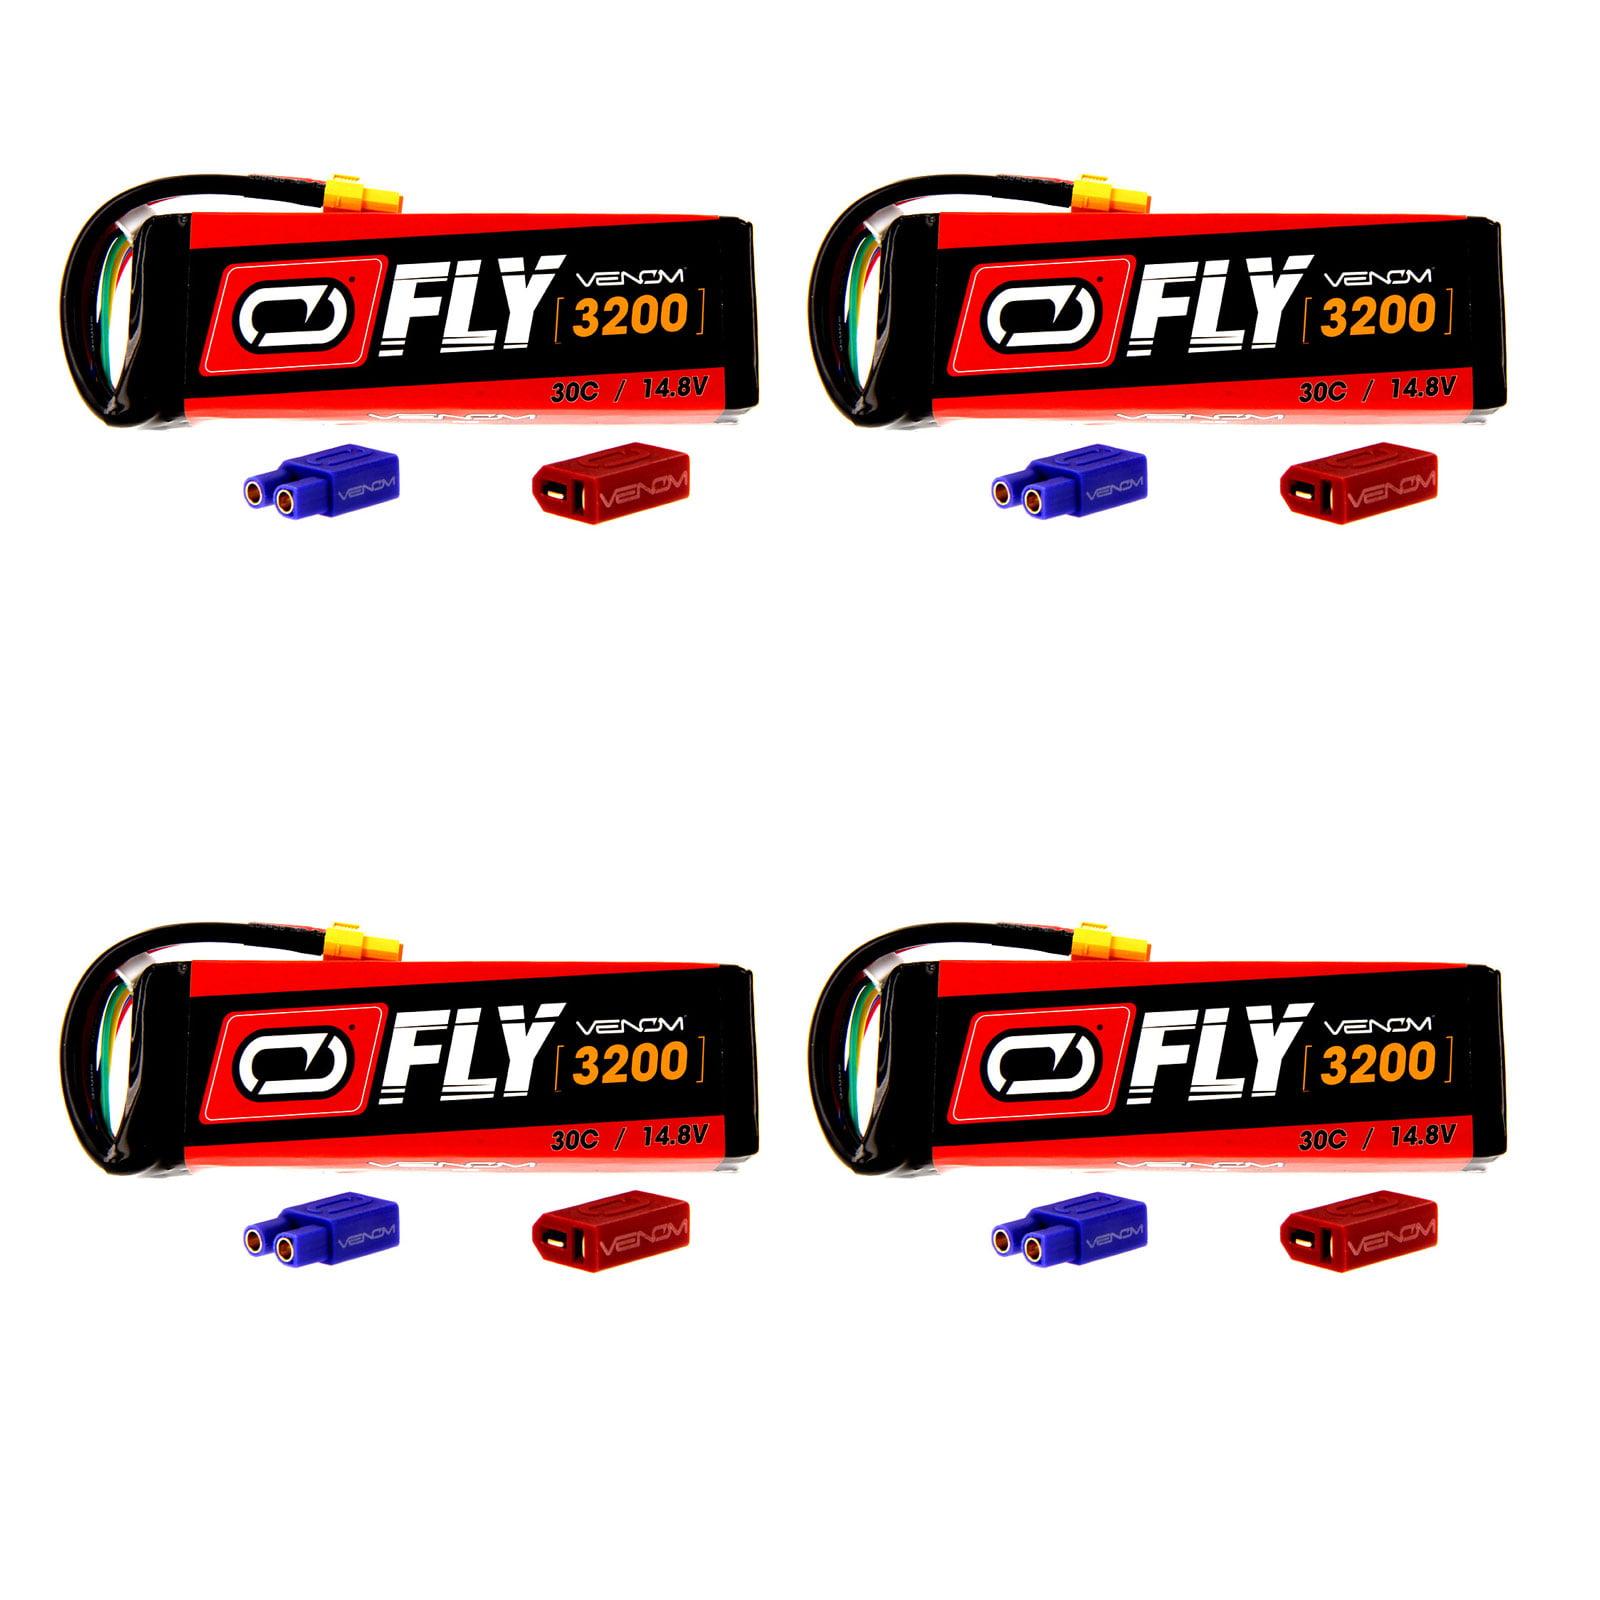 VENOM Fly 30C 4S 3200mAh 14.8V LiPo Battery with  UNI 2.0...